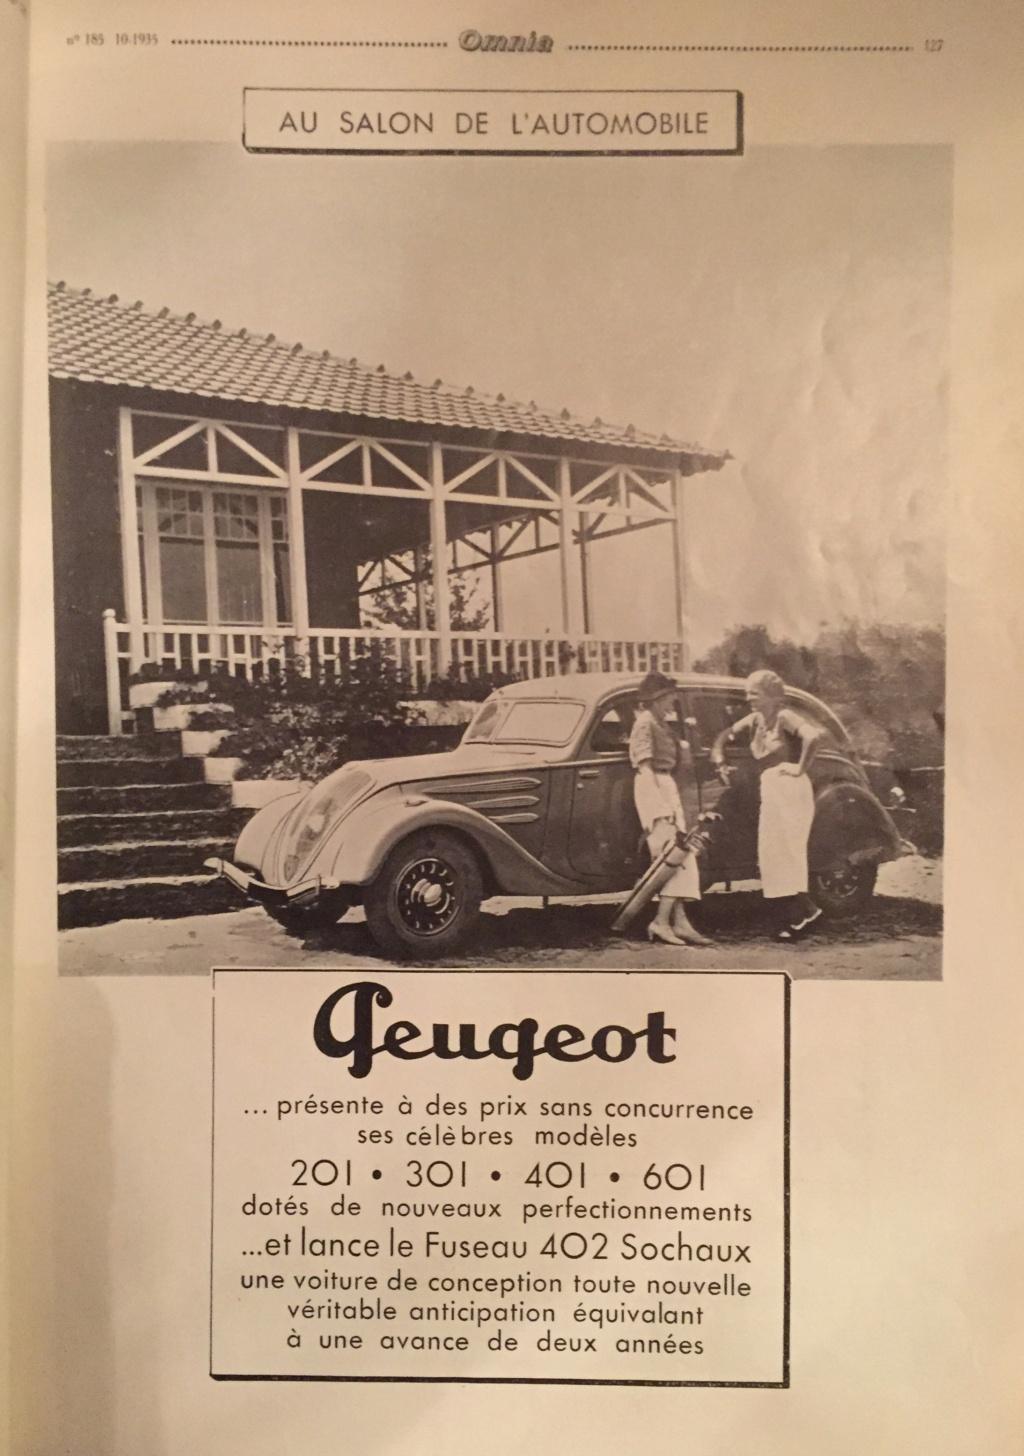 3 raisons d' acheter Peugeot   Publicité d'époque Omnia-10